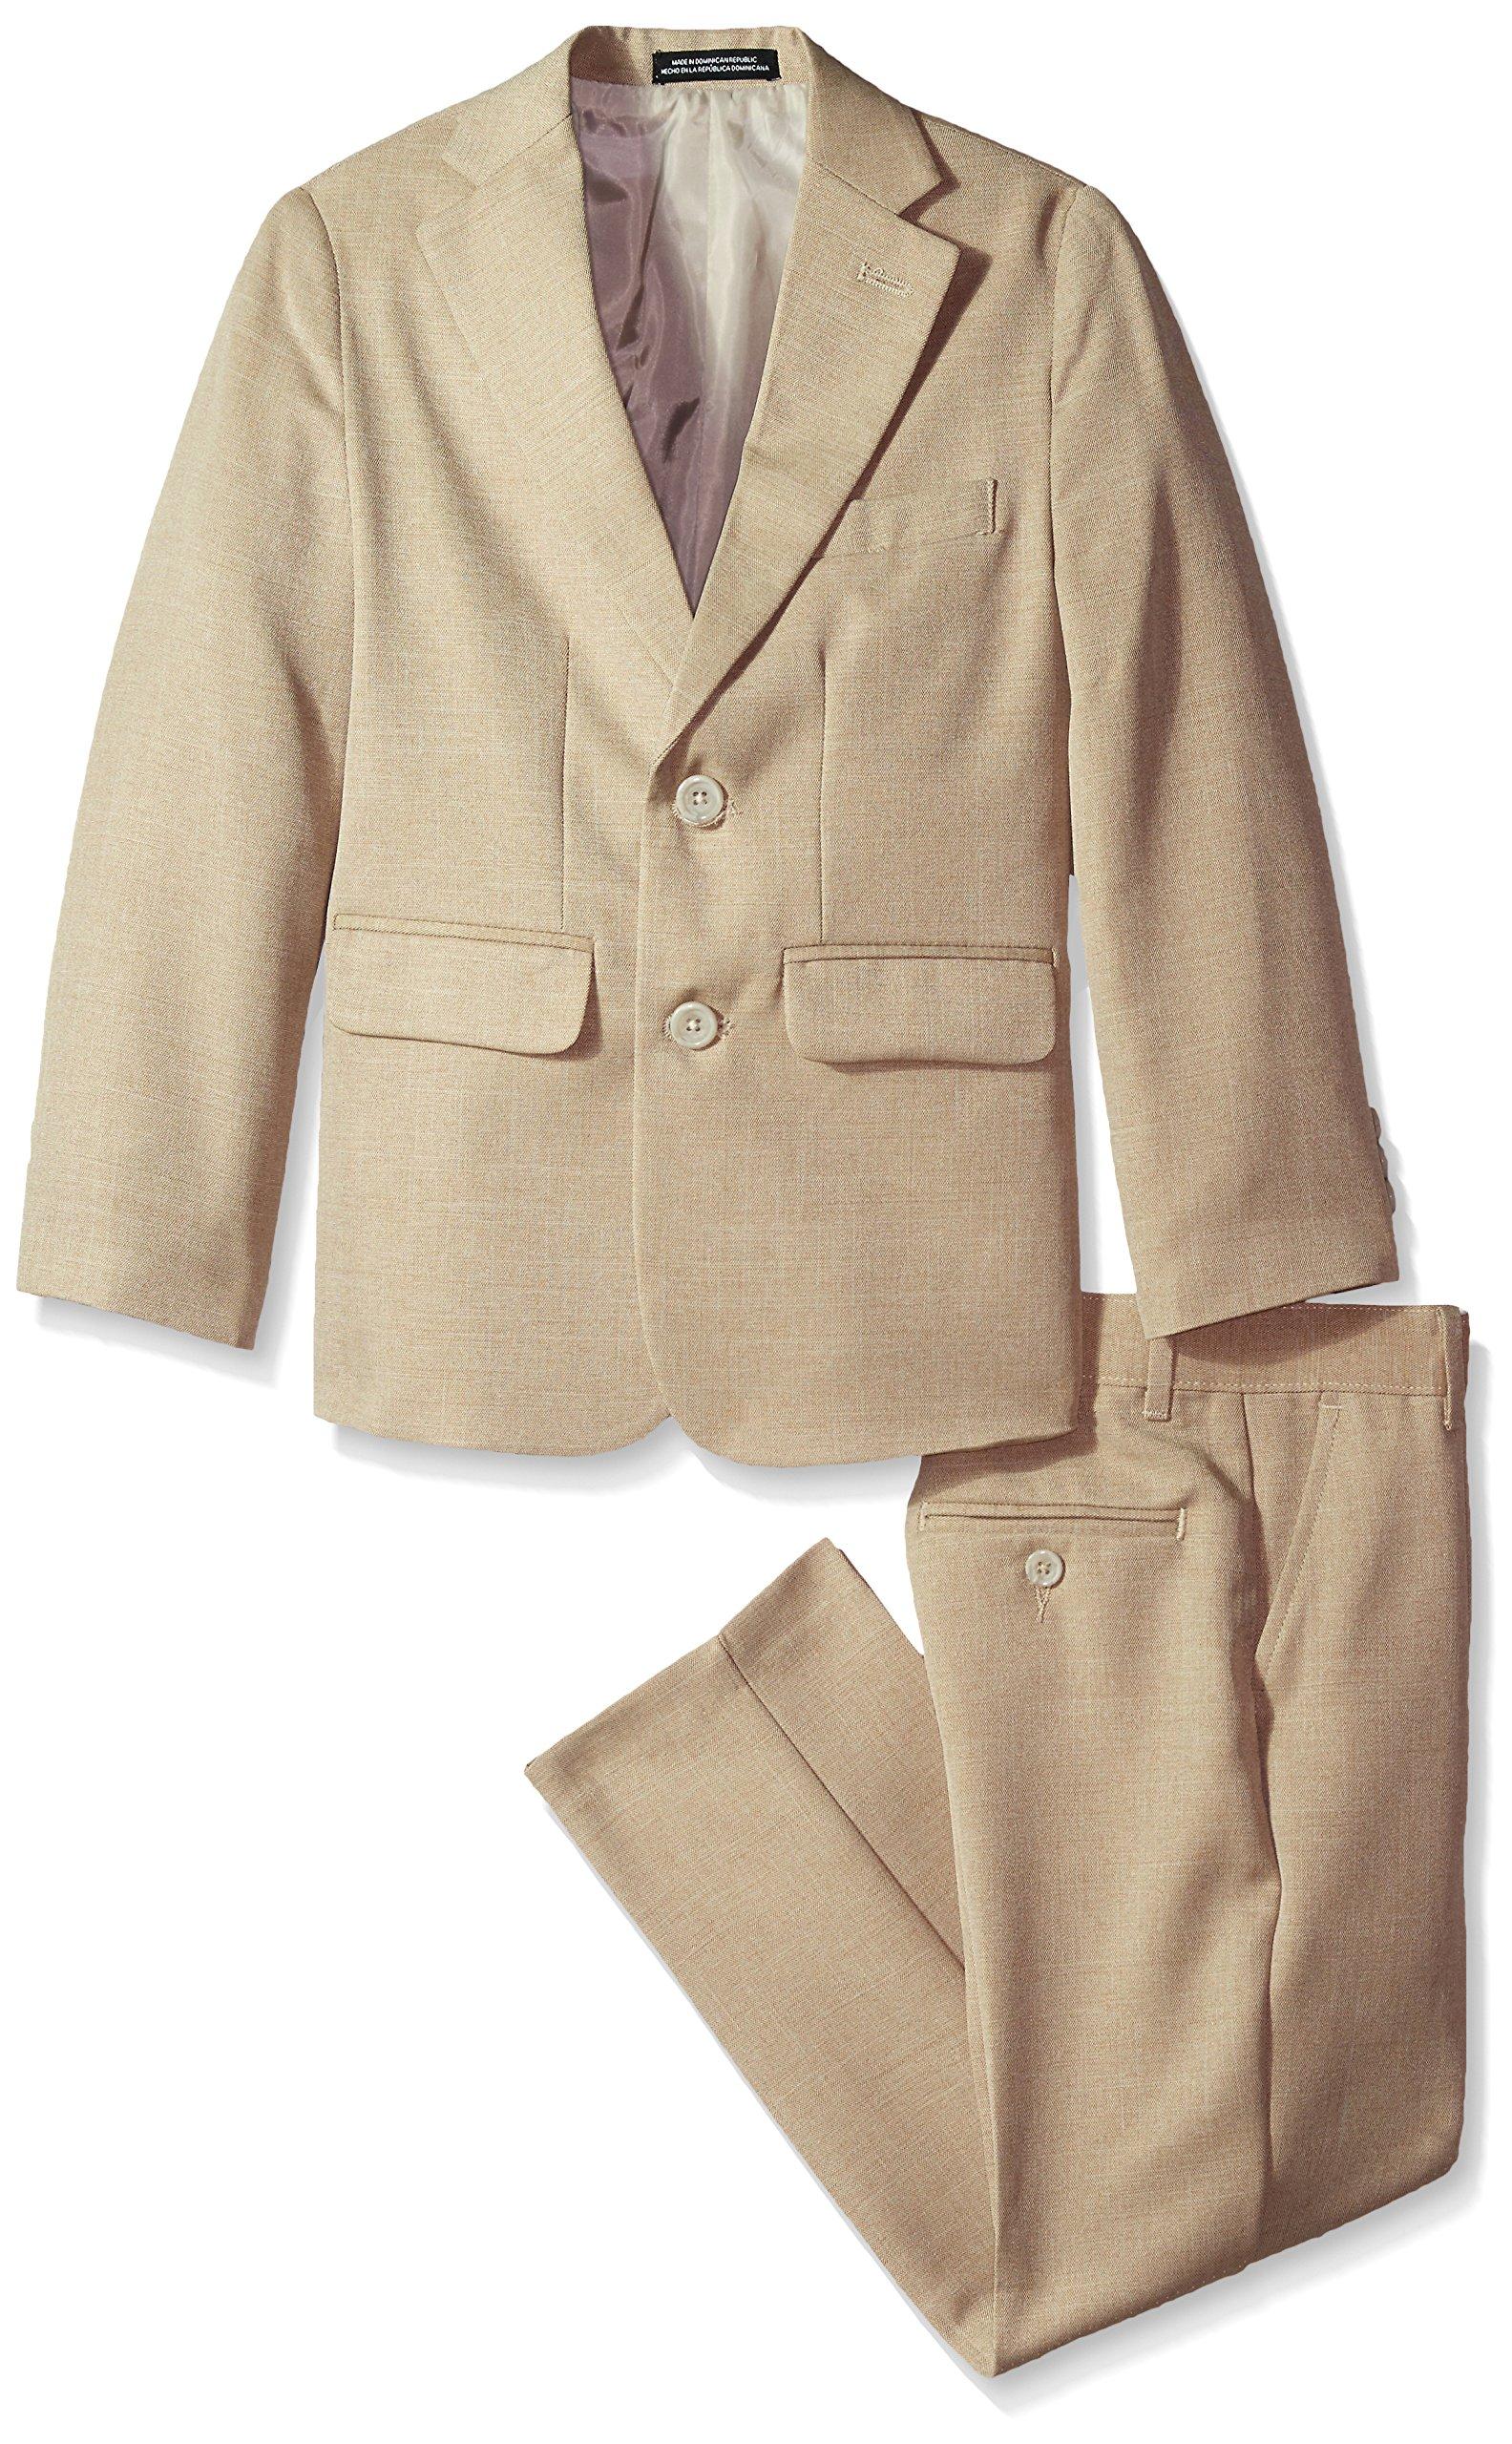 Van Heusen Big Boys' Cross Dyed Solid 2 Pc Suit, Brown, 8